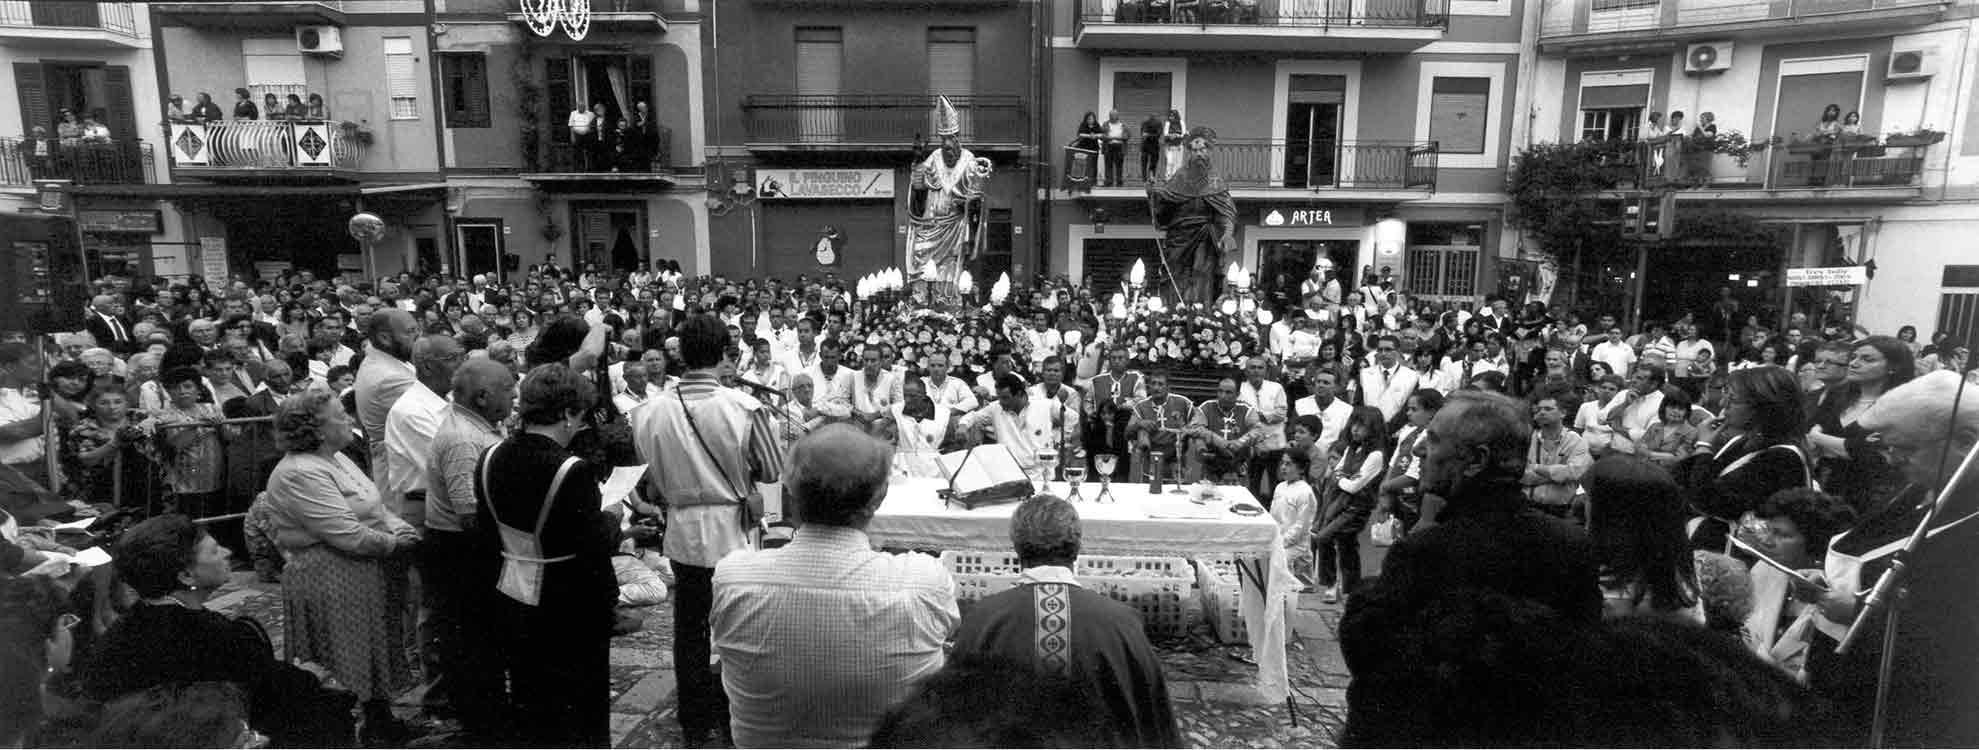 Corleone processione S. Leoluca e S. Antonio